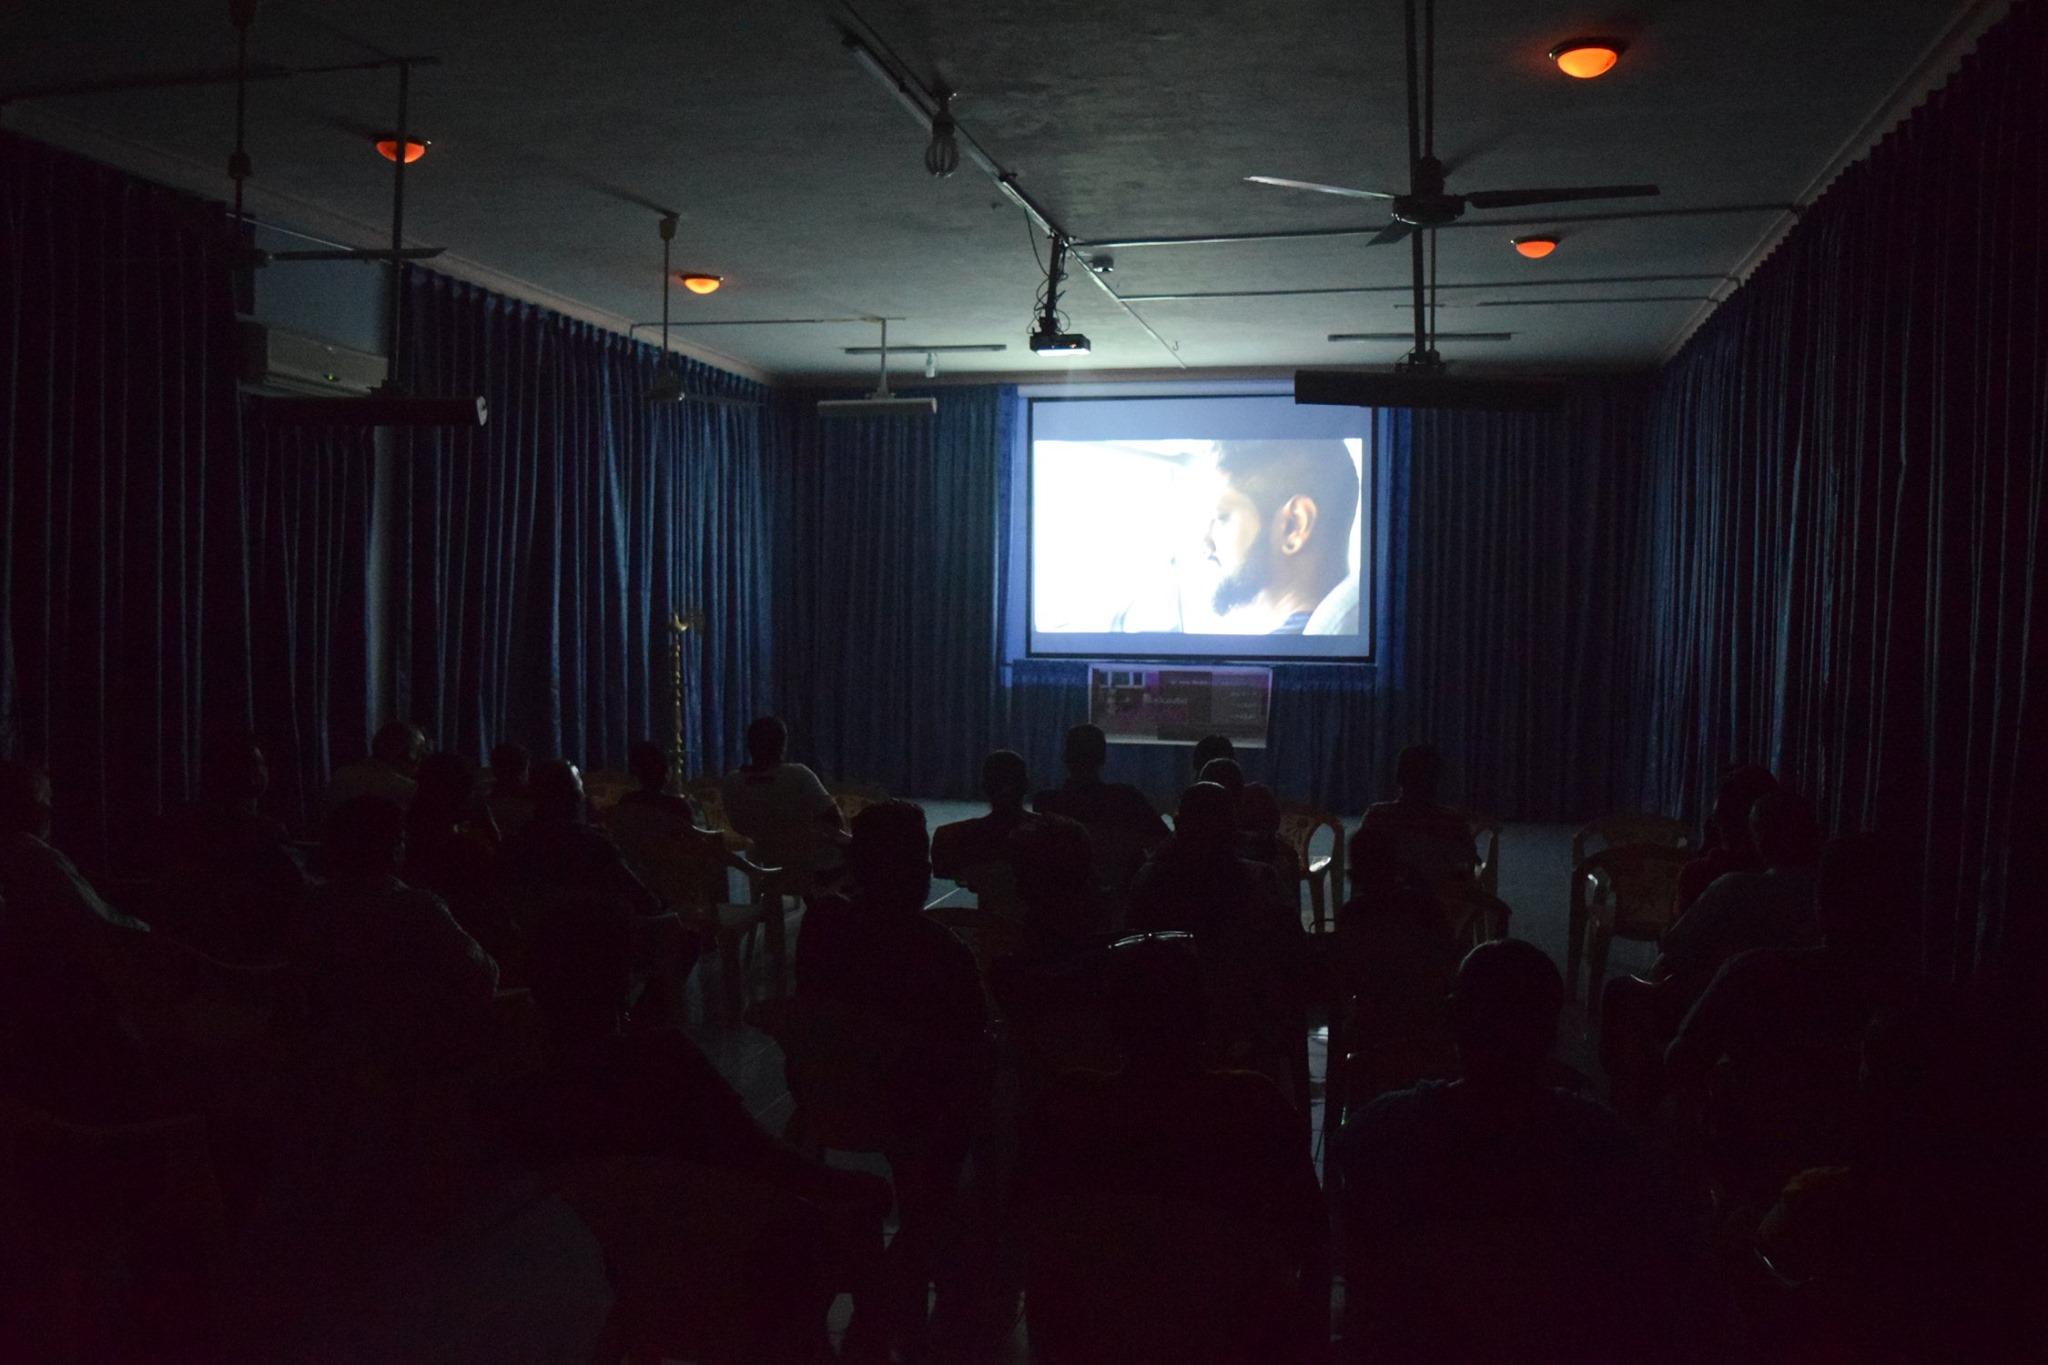 மட்டக்களப்பின் கல்லடியில் வி. சபேசன் உருவான 'துணை' குறும்படத்தின் 40 பேர் வரைகண்டுகளித்தனர்